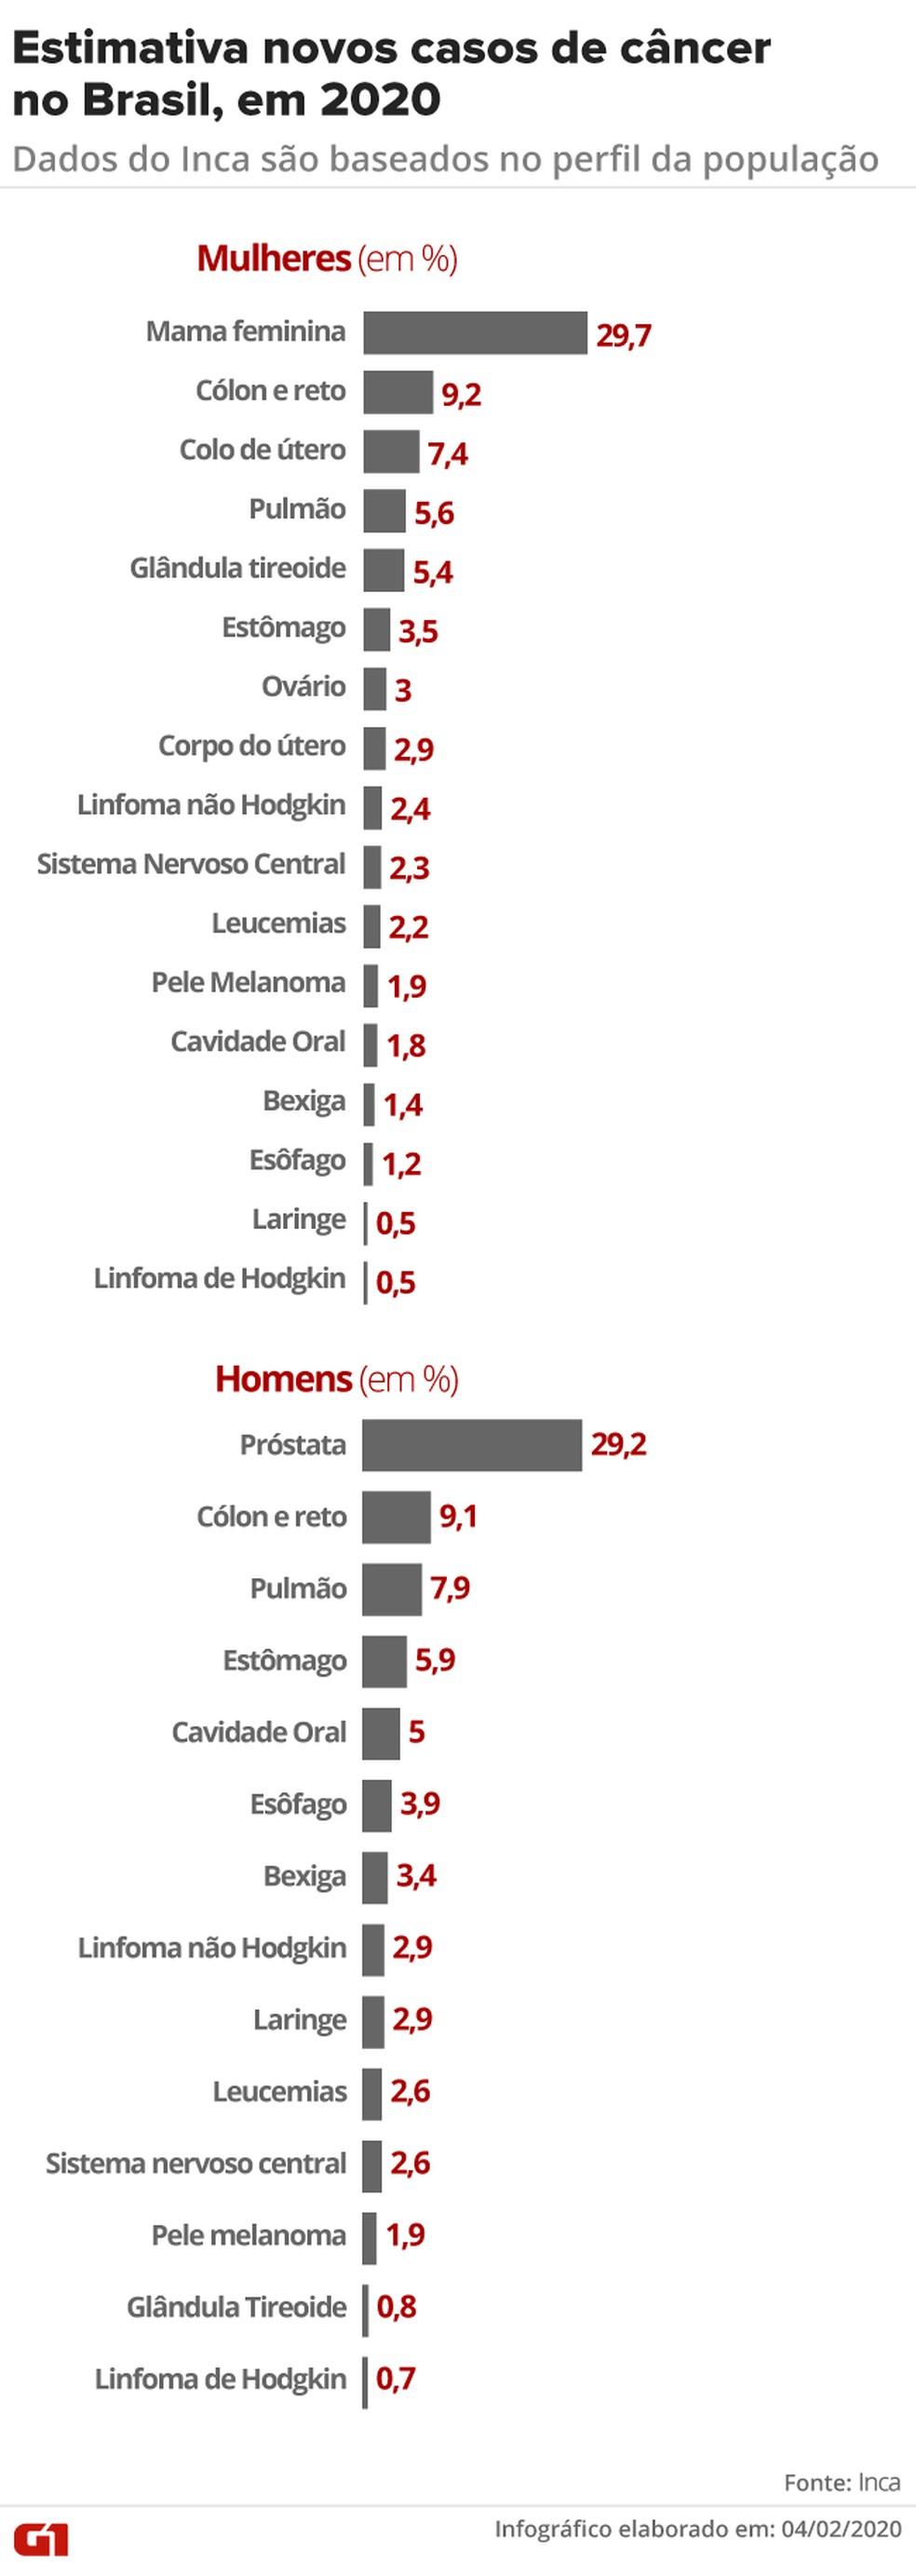 Câncer no Brasil: estimativa do Inca aponta incidência de novos casos em 2020 — Foto: Infografia/G1